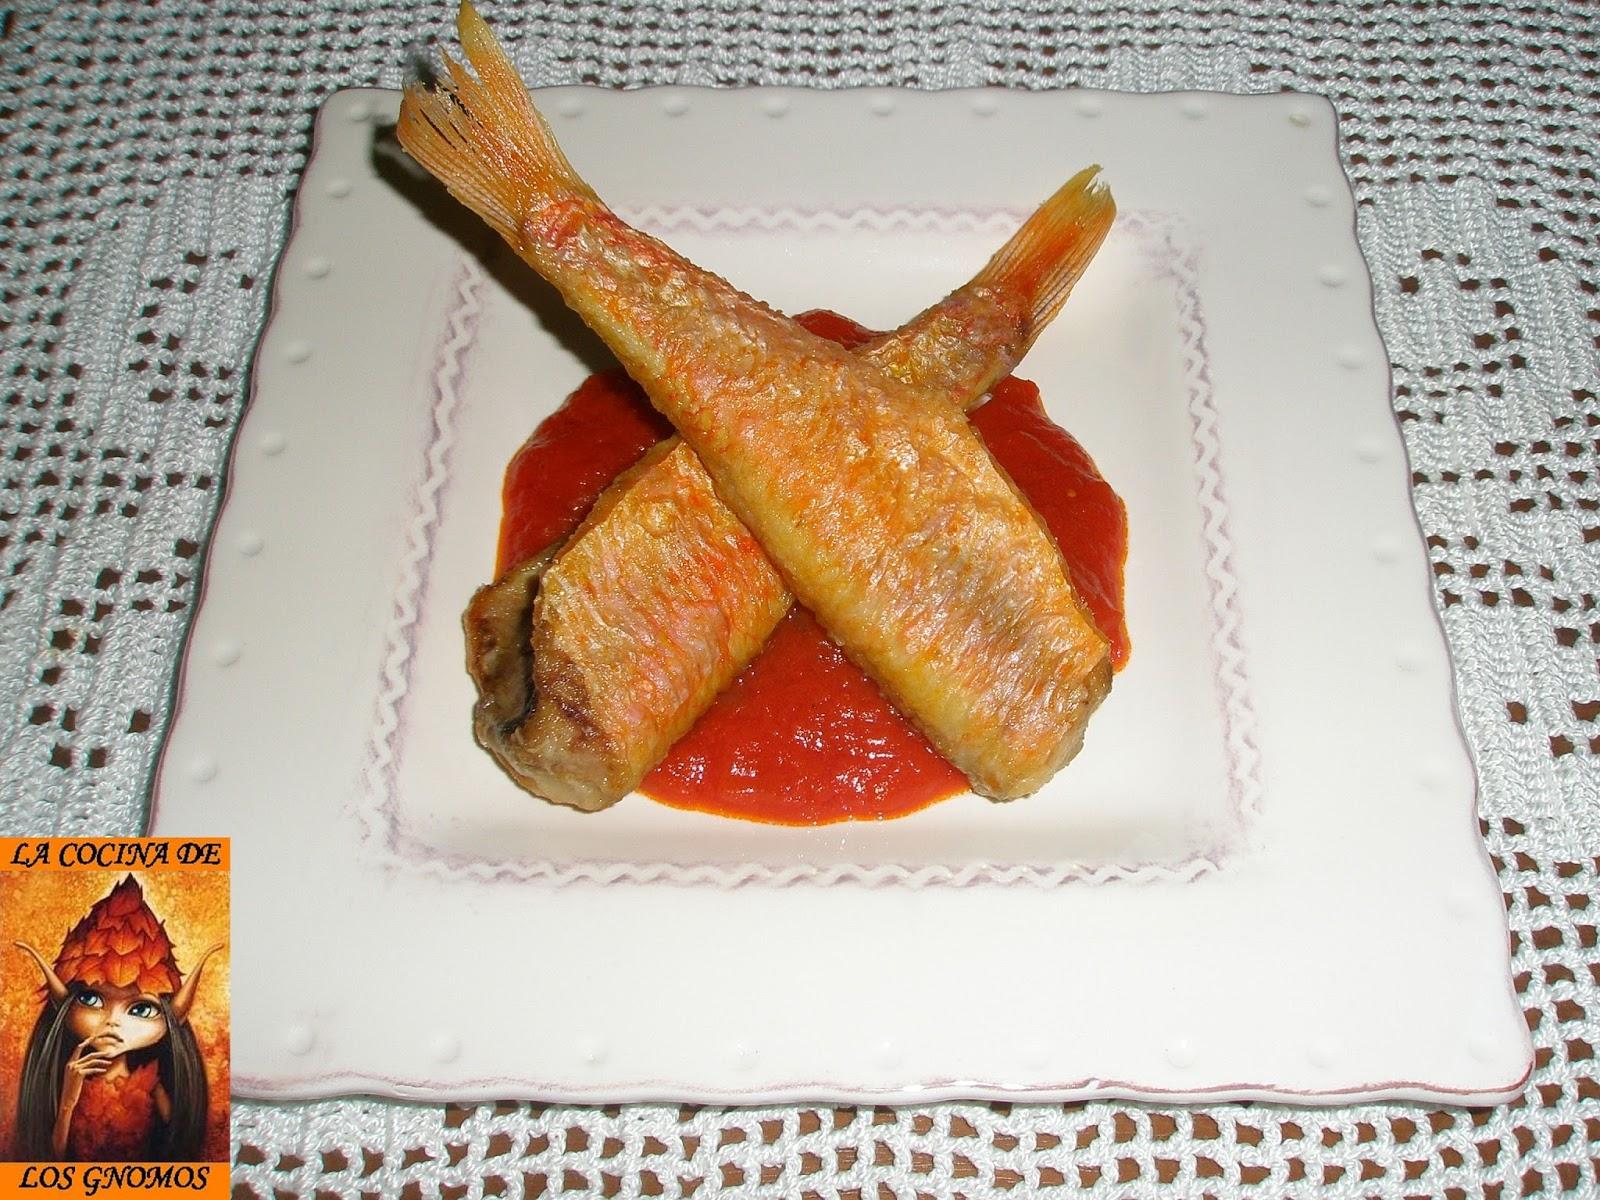 La Cocina De Los Gnomos Salmonetes Fritos A La Andaluza Con Tomate Reto La Cocina Typical Spanish